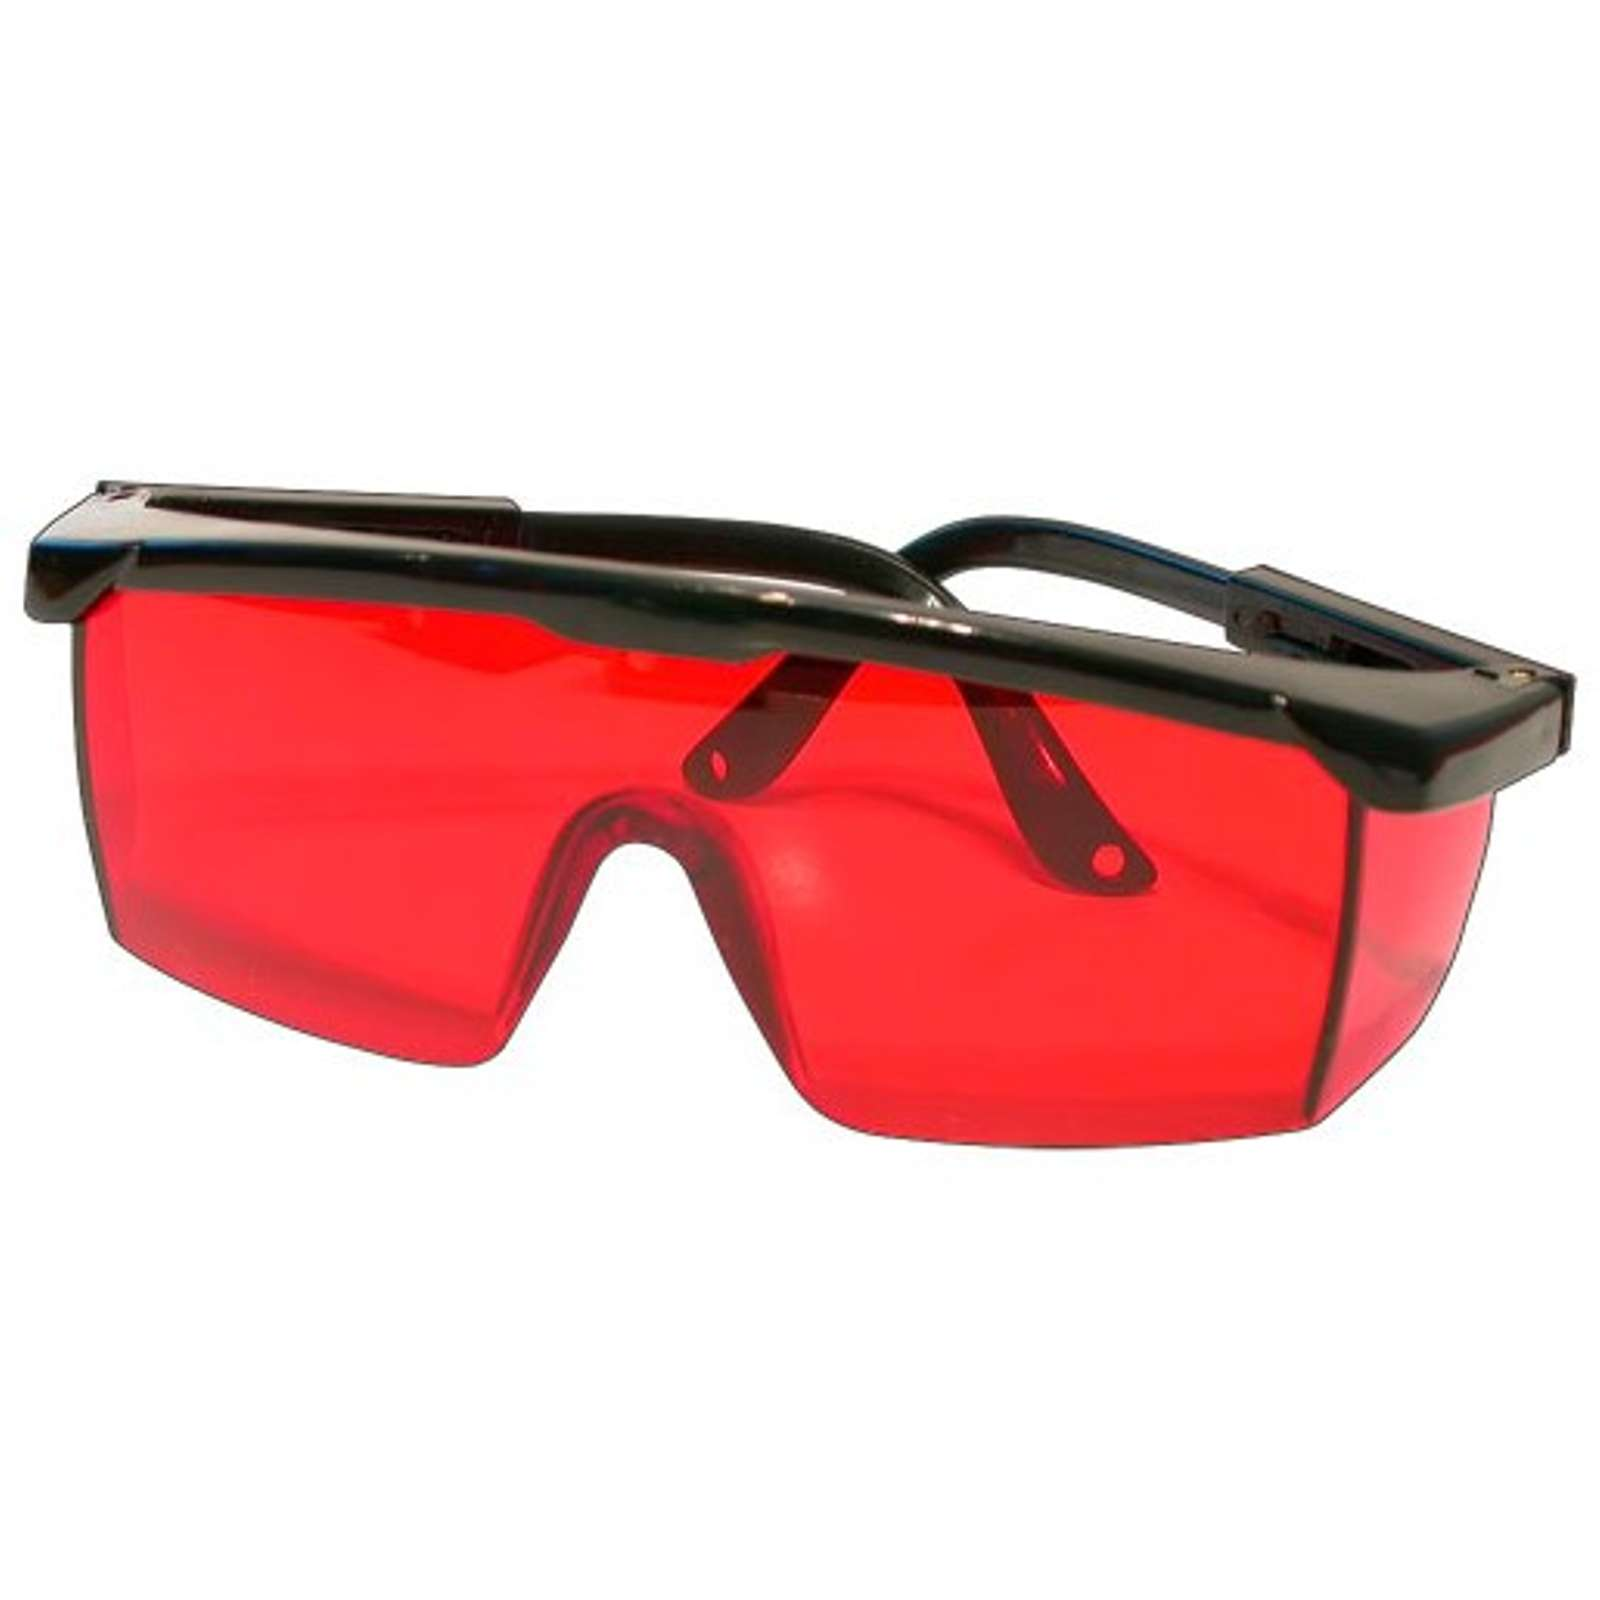 Очки для работы с лазерными приборами красные